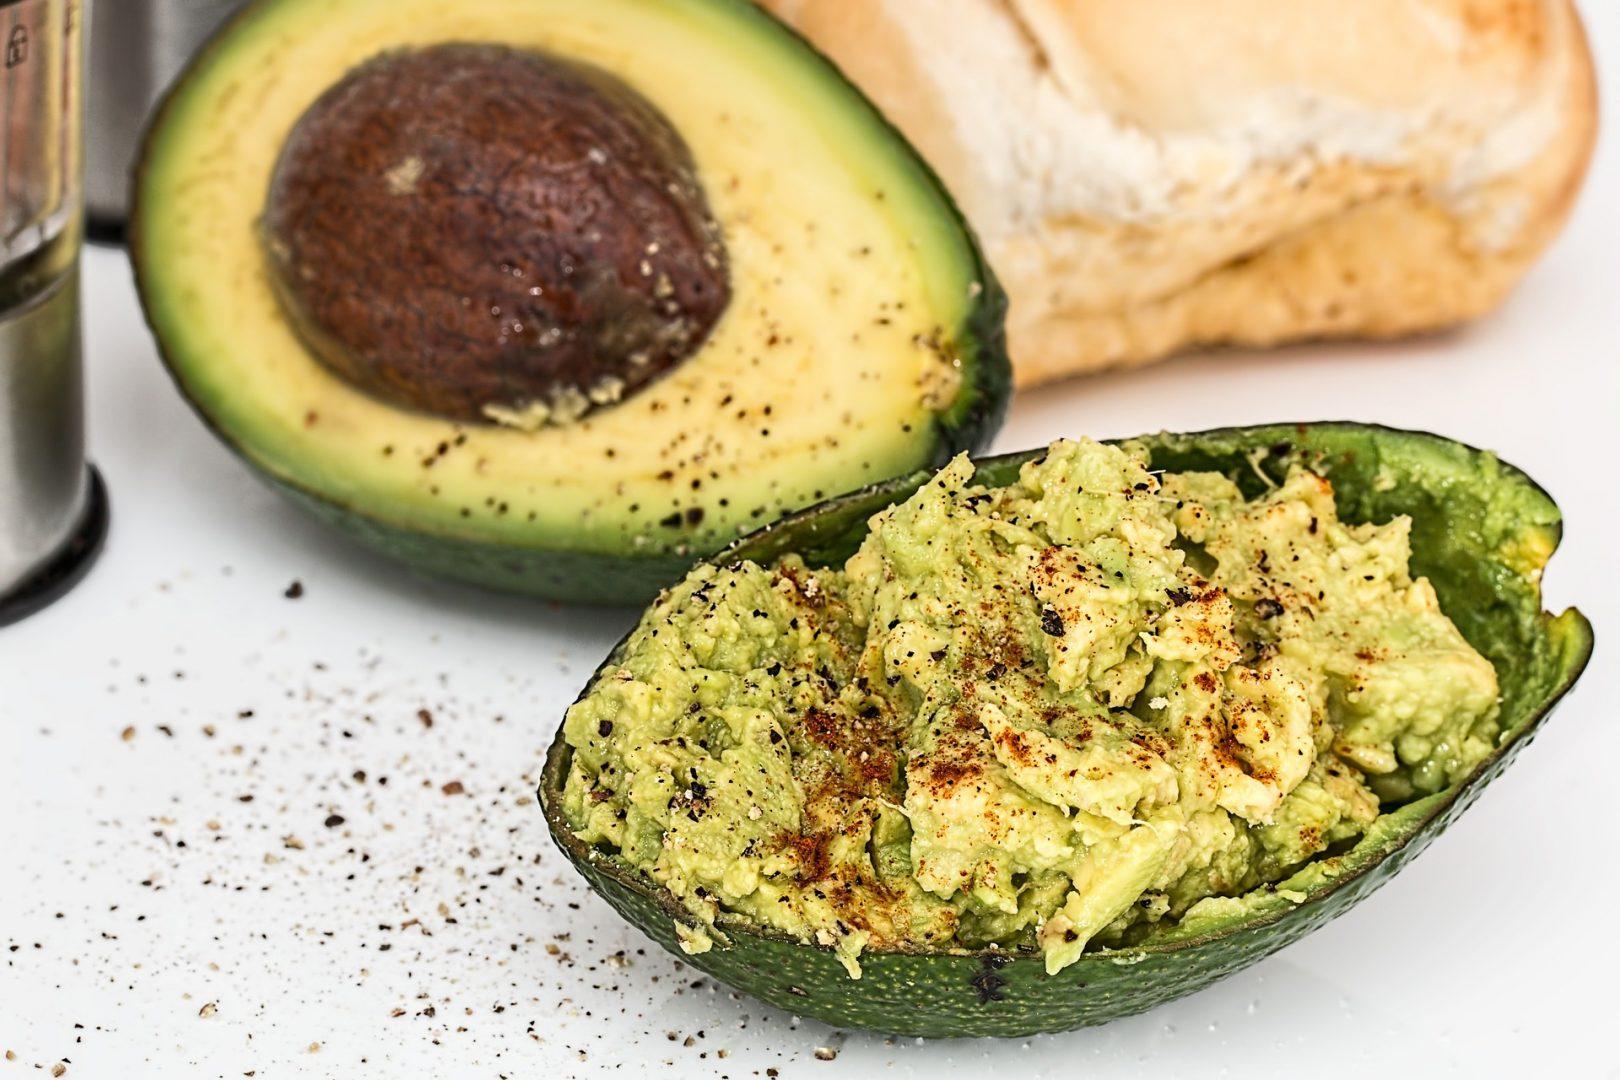 Torrada de abacate é o pequeno-almoço do momento. Versátil, fácil e nutritivo.